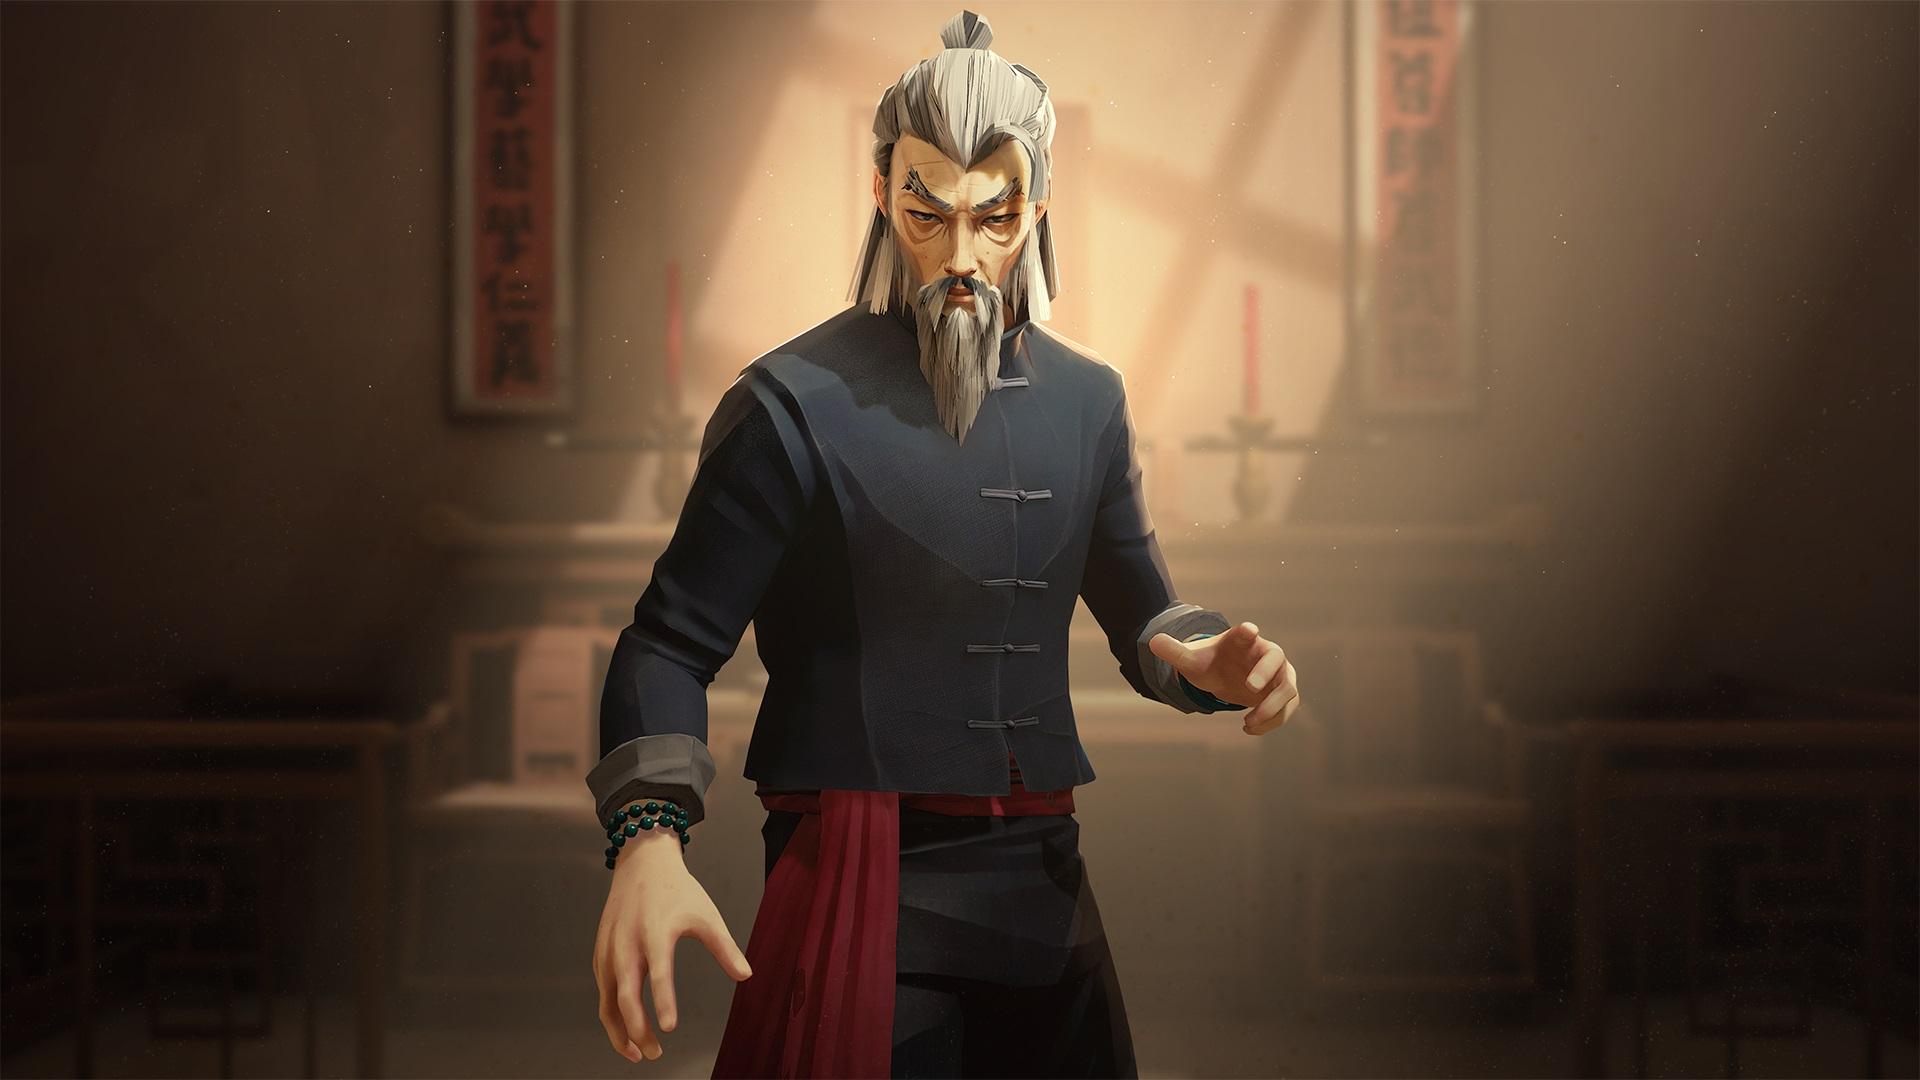 Sifu Sloclap Martial Arts Game Kung Fu